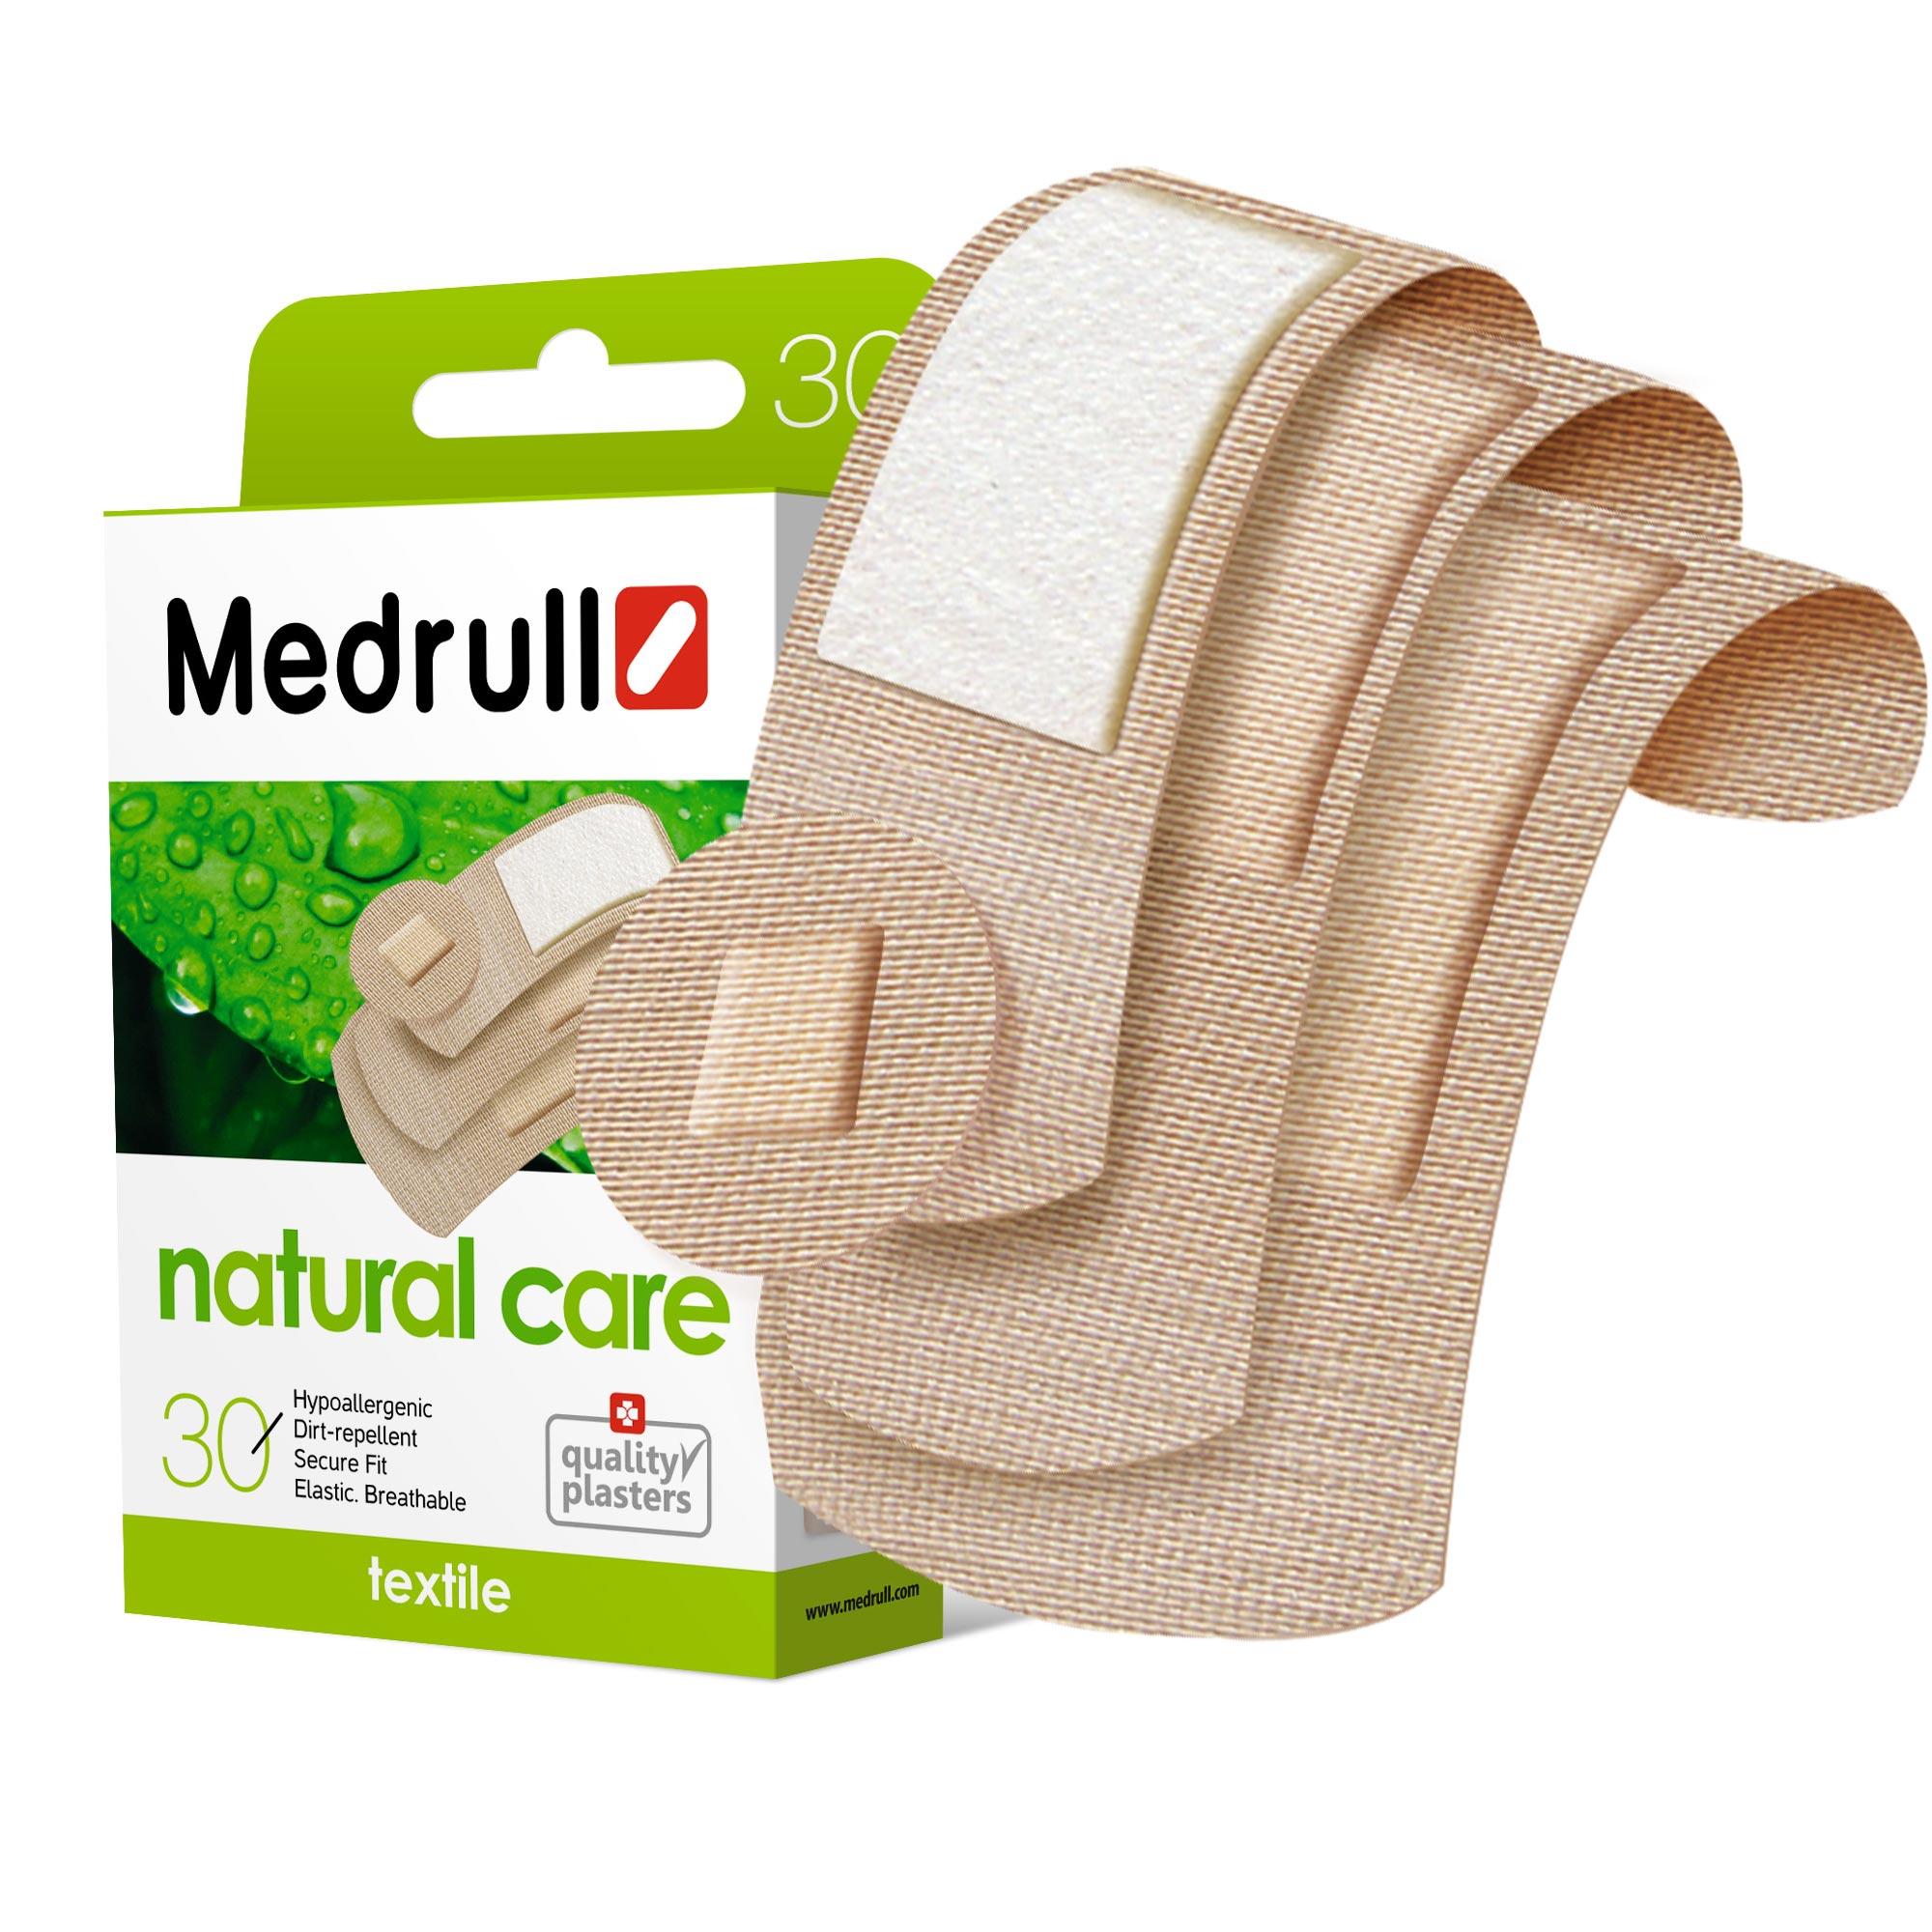 Medrull Набор пластырей Natural Care, №304742225004512Гипоаллергенные пластыри, предназначенные для людей, кожа которых, чувствительна к факторам окружающей среды. Пластыри изготовлены из приятного для кожи эластичного,текстильного материала, в состав которого входит - 65% хлопок, 35% полиамид, благодаря чему, возможность появления аллергии снижена до минимума. Свойства пластыря: грязенепроницаемые, гипоаллергенные, эластичные, дышащие, плотно прилегающие. Абсорбирующая подушечка изготовлена из вискозы и обладает высокой впитываемостью. Верхняя часть подушечки обработана полипропиленом, что защищает от вероятности прилипания пластыря к поврежденной поверхности кожи.